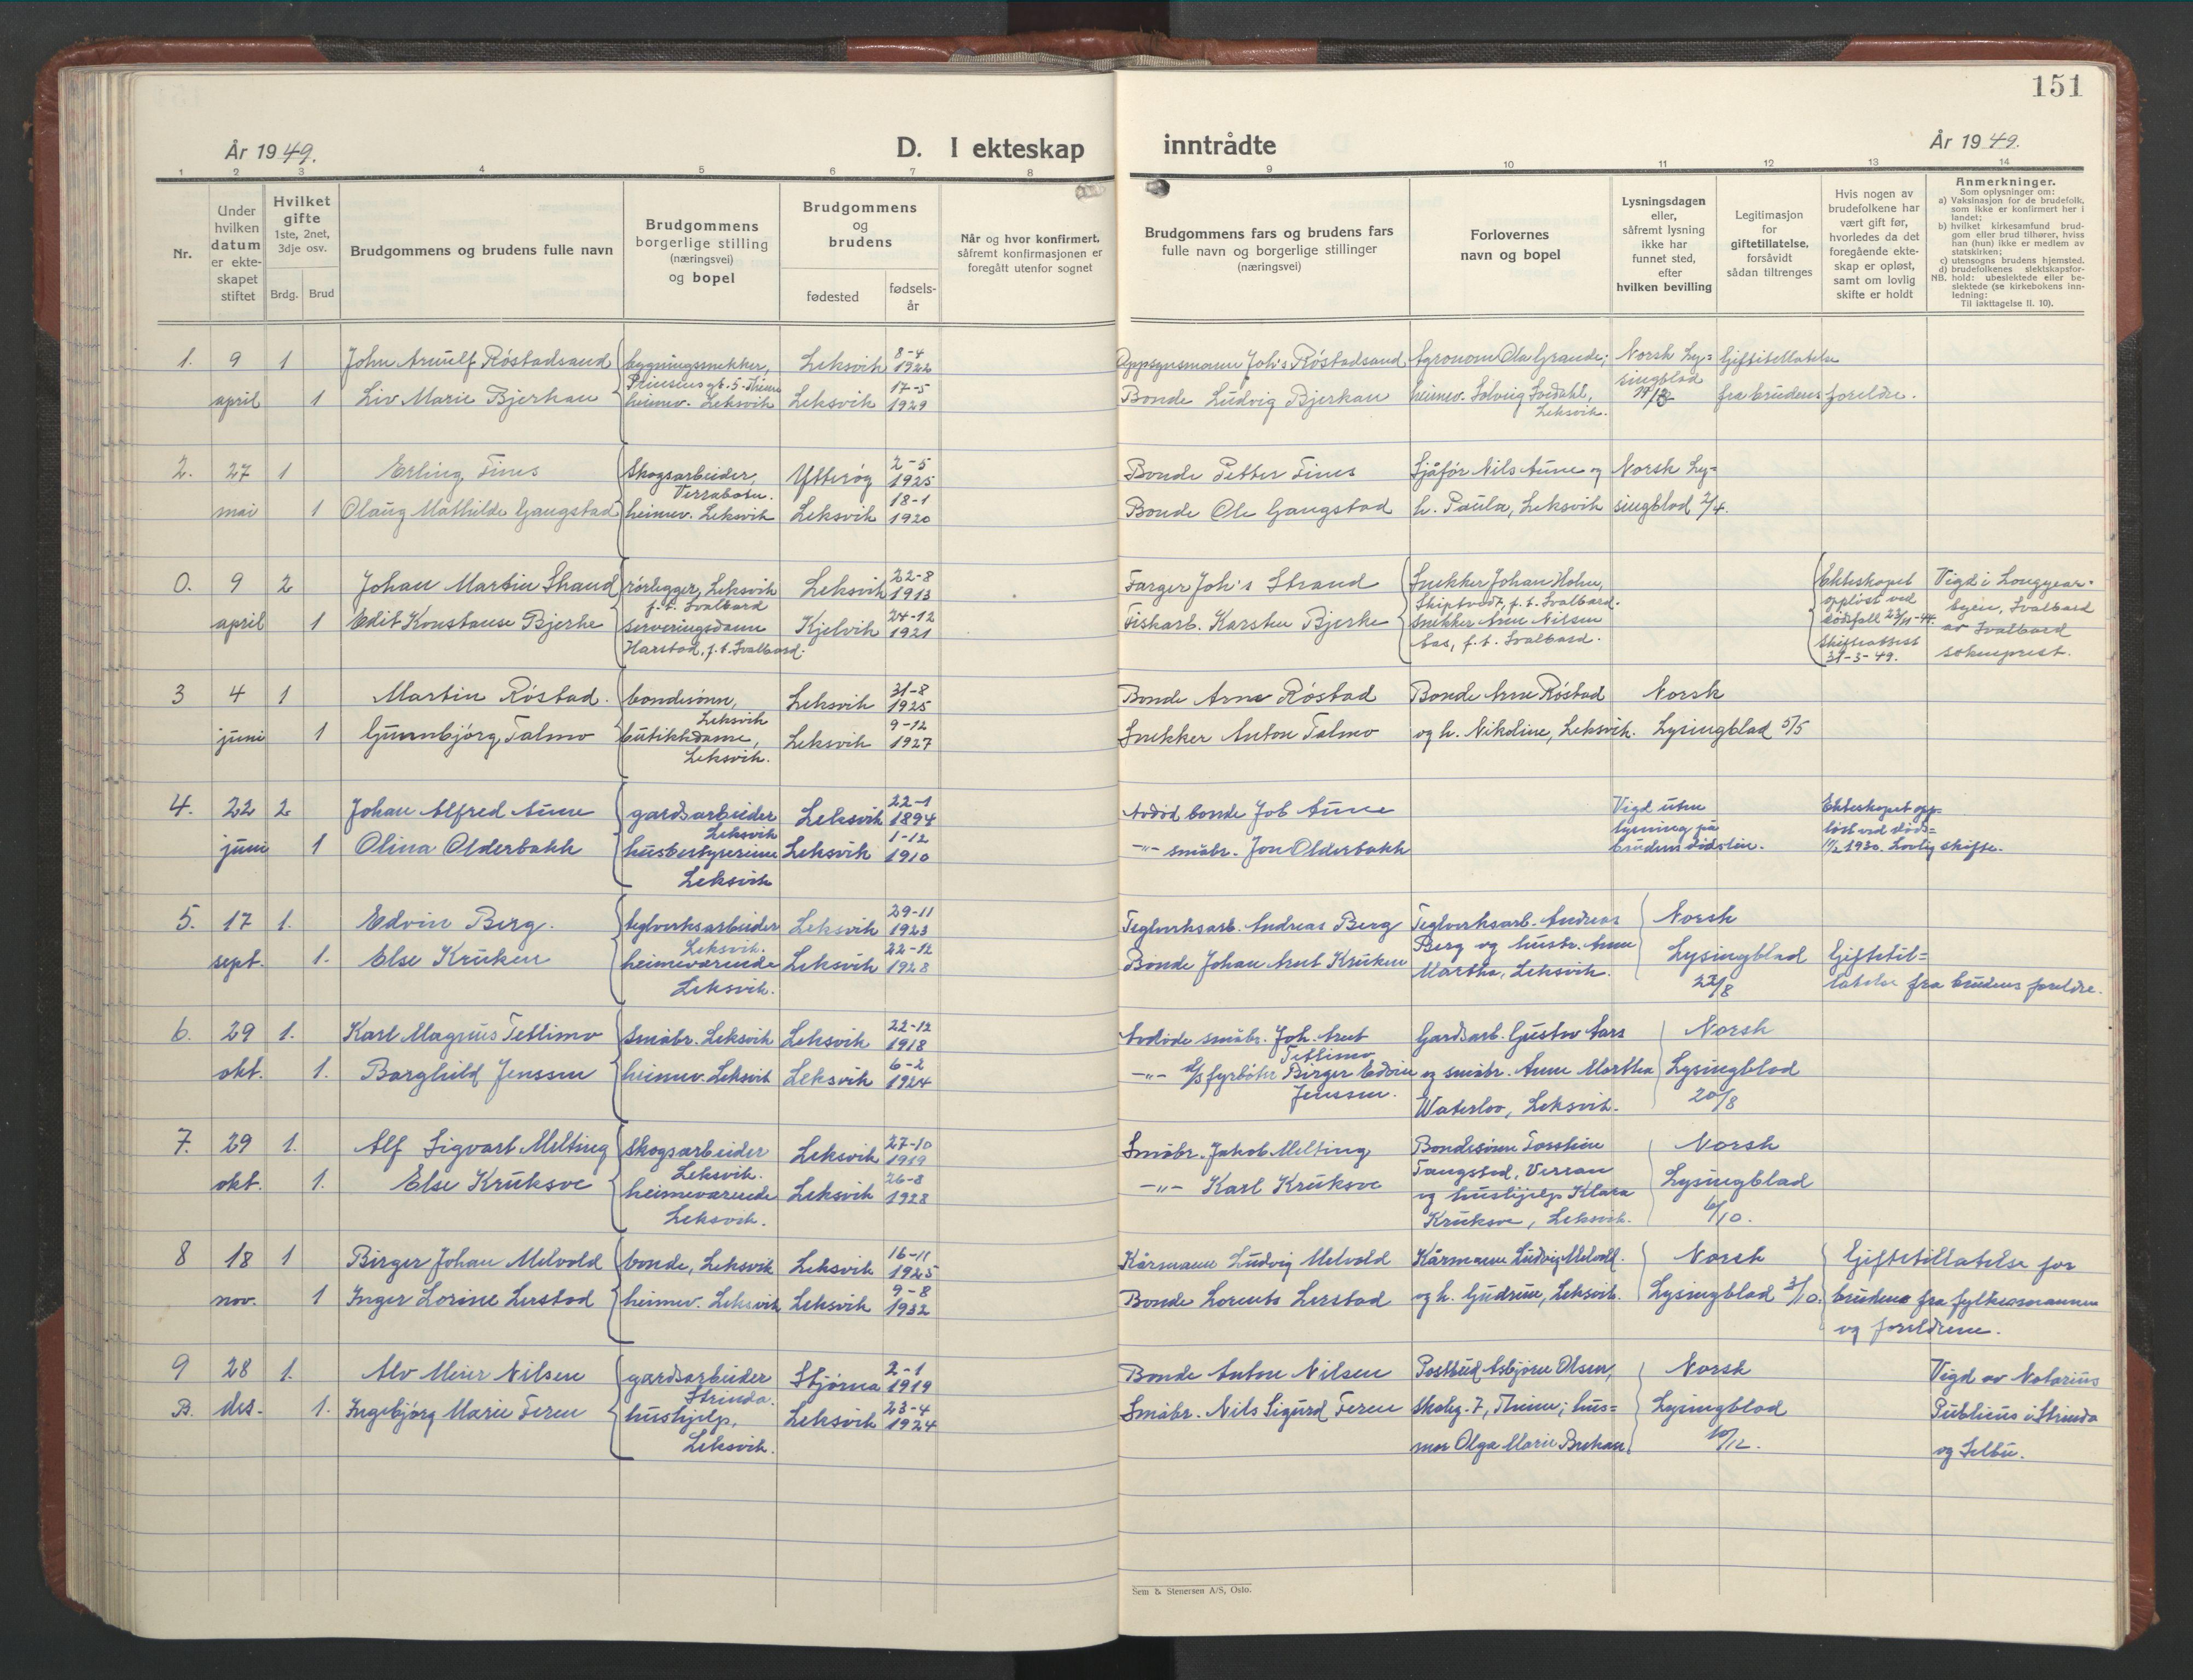 SAT, Ministerialprotokoller, klokkerbøker og fødselsregistre - Nord-Trøndelag, 701/L0019: Klokkerbok nr. 701C03, 1930-1953, s. 151